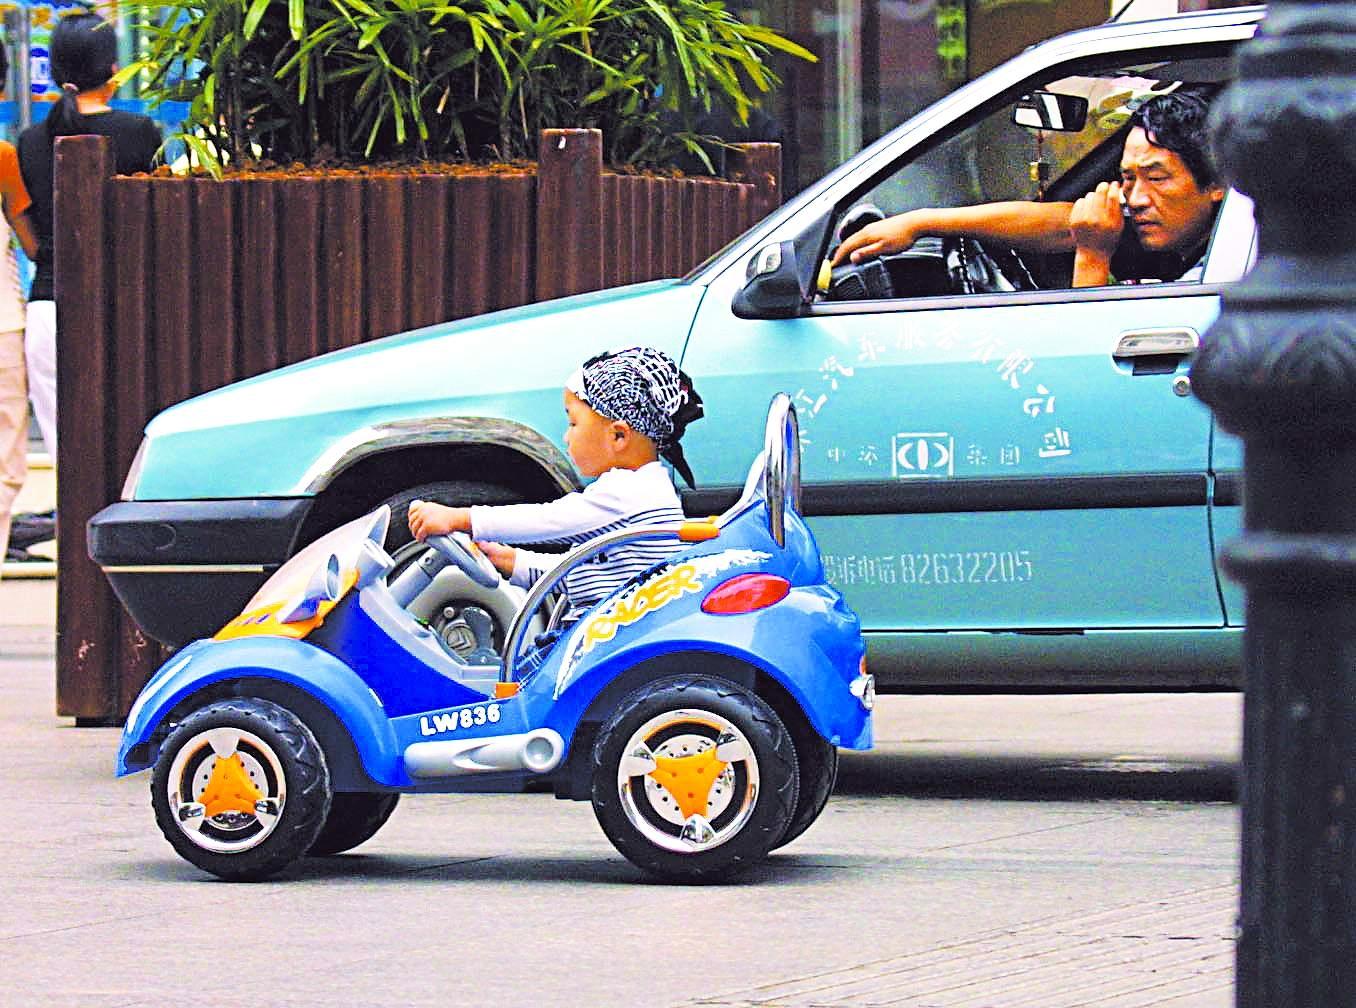 儿童驾驶电动玩具车驶上机动车道(图)